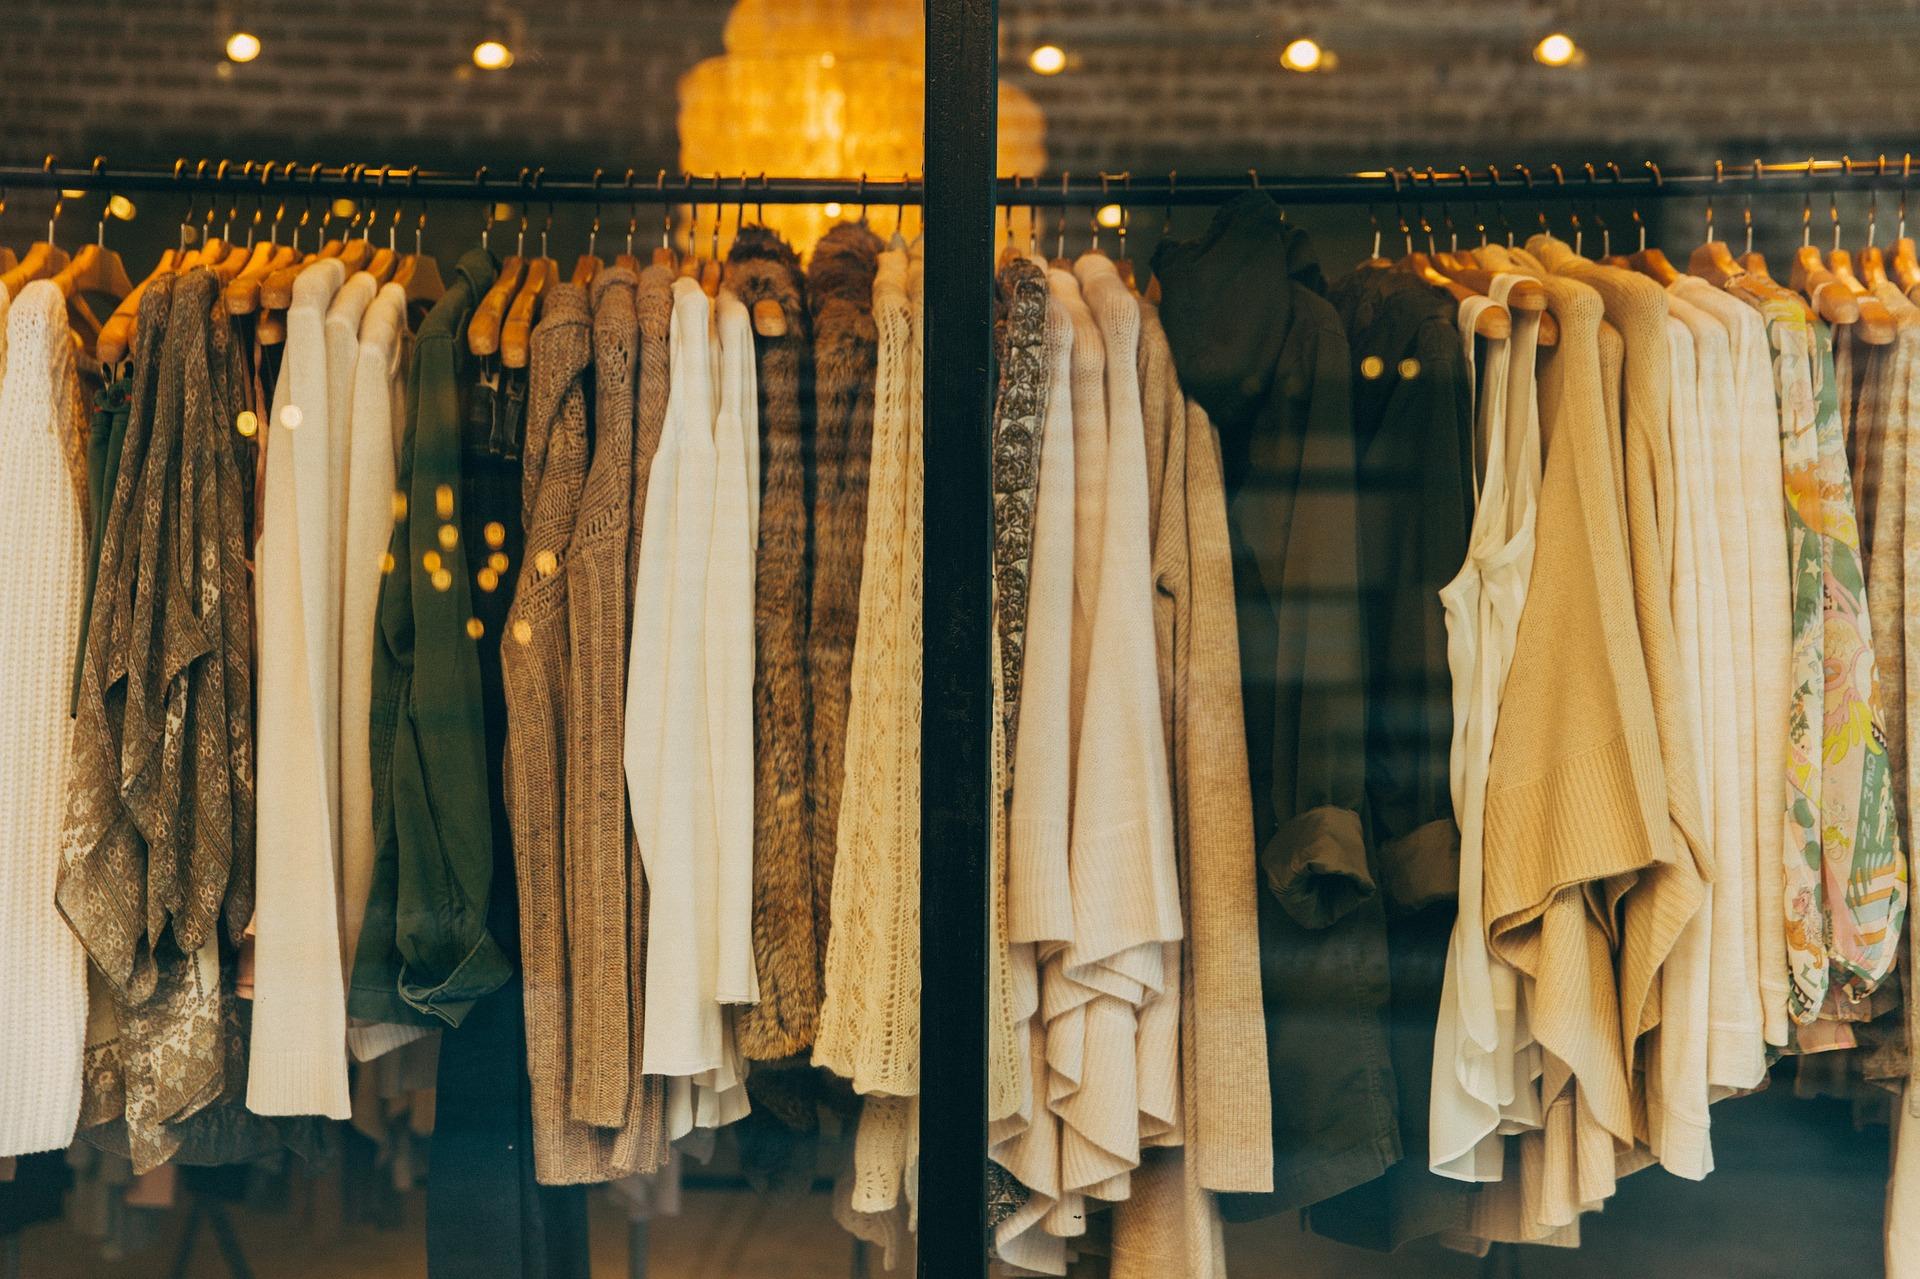 גנבה מחנויות ציוד בשווי כולל של אלפי שקלים, צילום אילוסטרציה